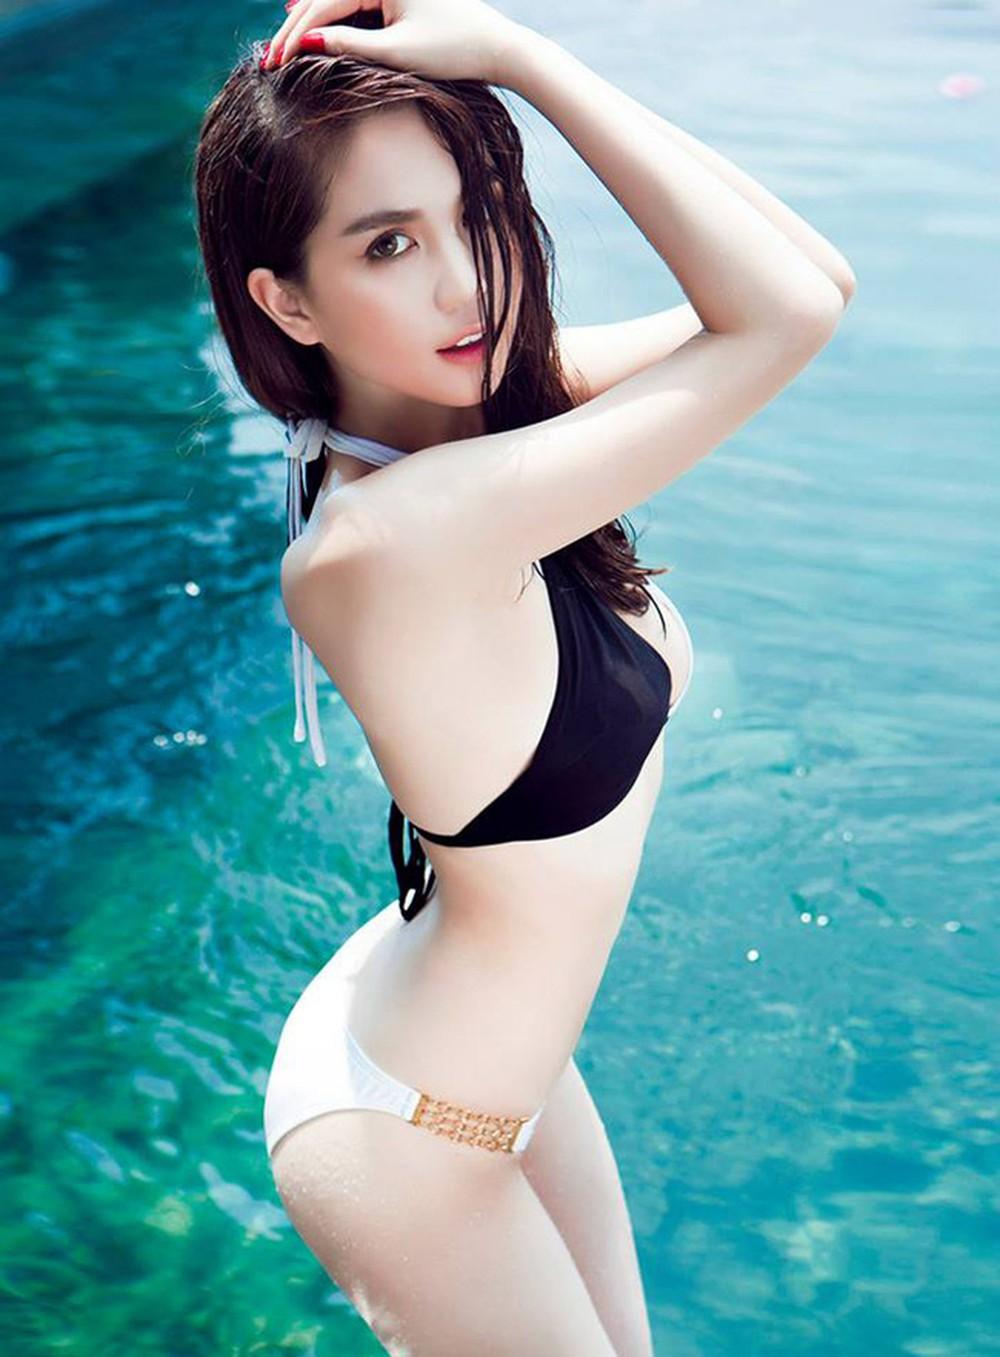 cool girl in bikini